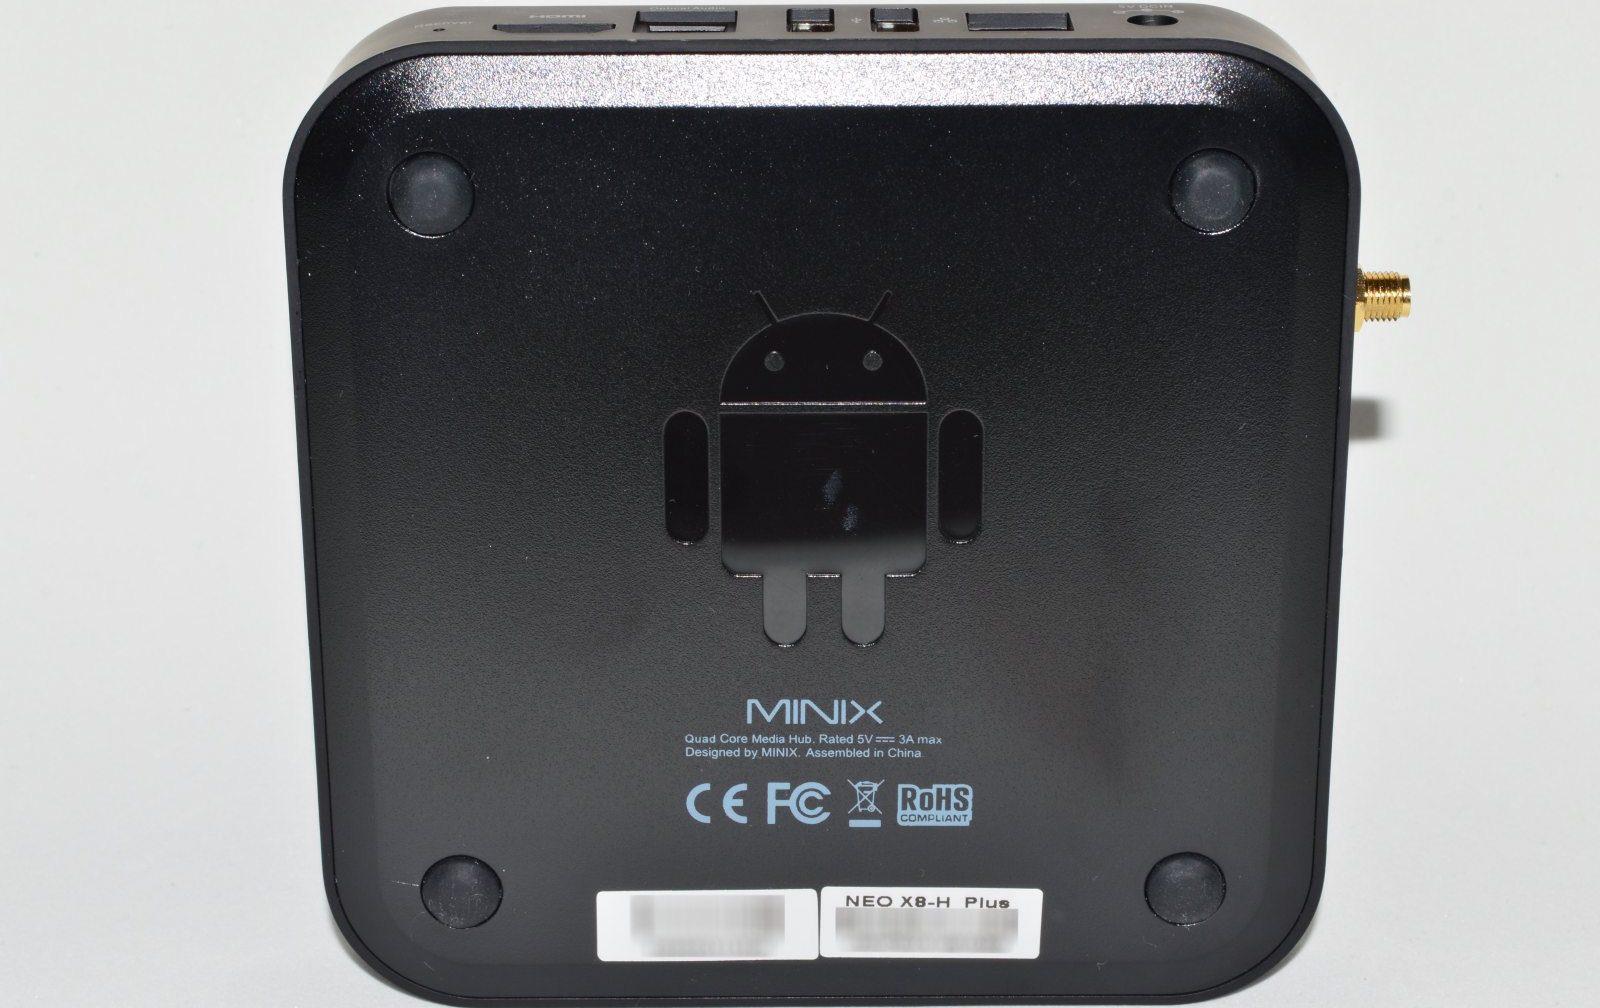 Minix Neo X8-H Plus Diseño